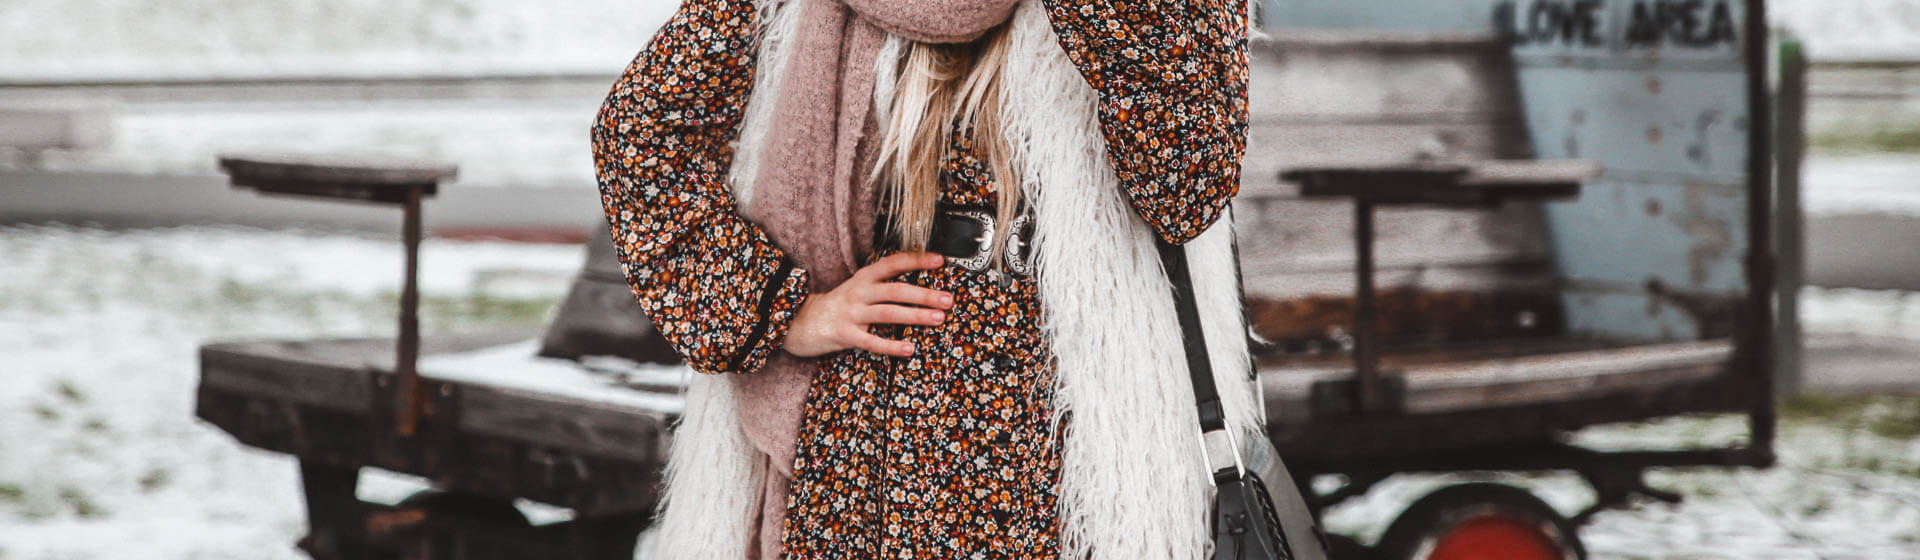 Maxikleider Boho-Stil auch im Winter stylisch kombinieren